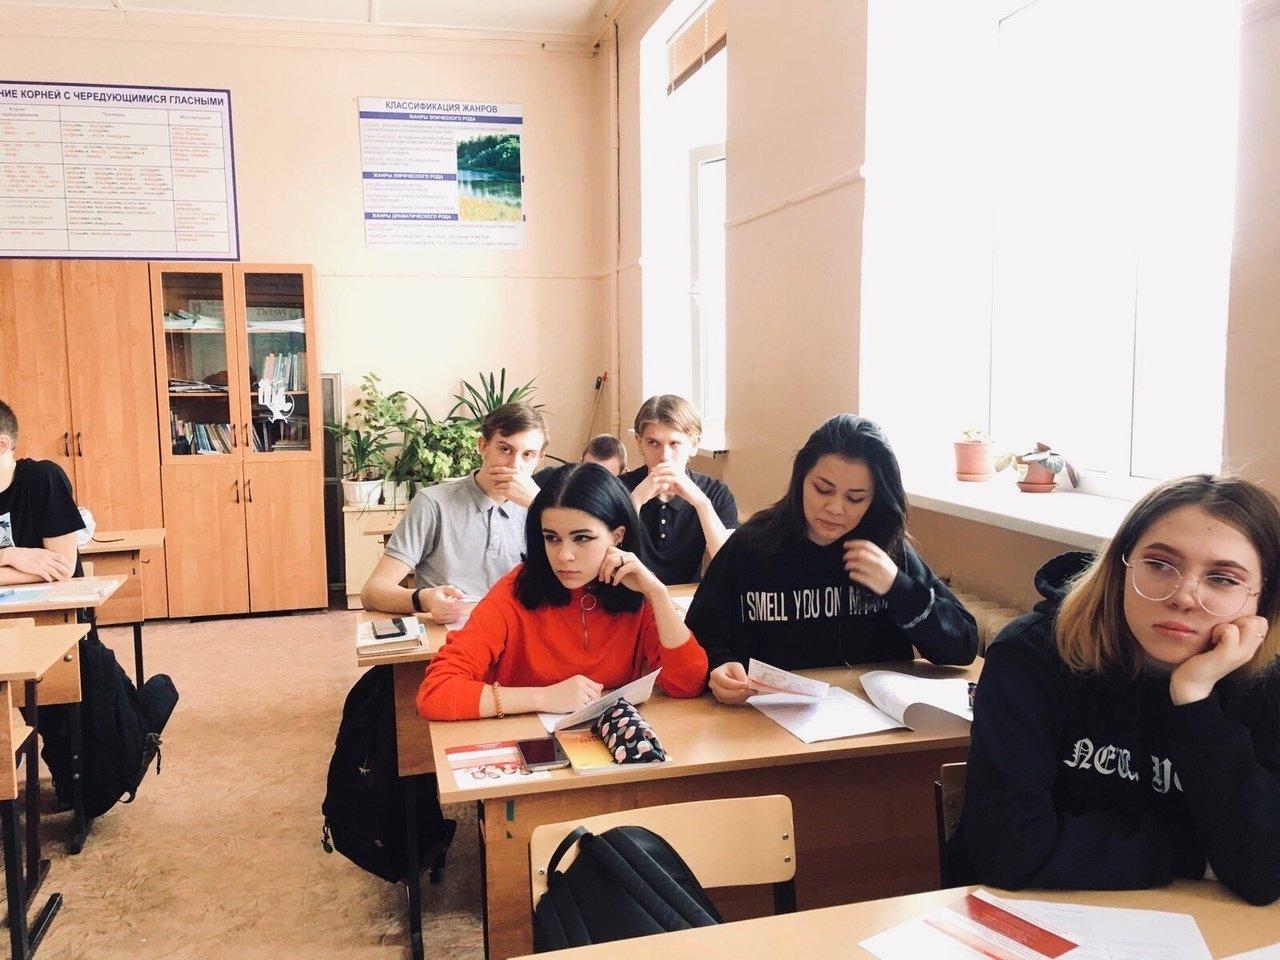 Тамбовский филиал РАНХиГС провел выездной день открытых дверей в Рассказово, фото-2